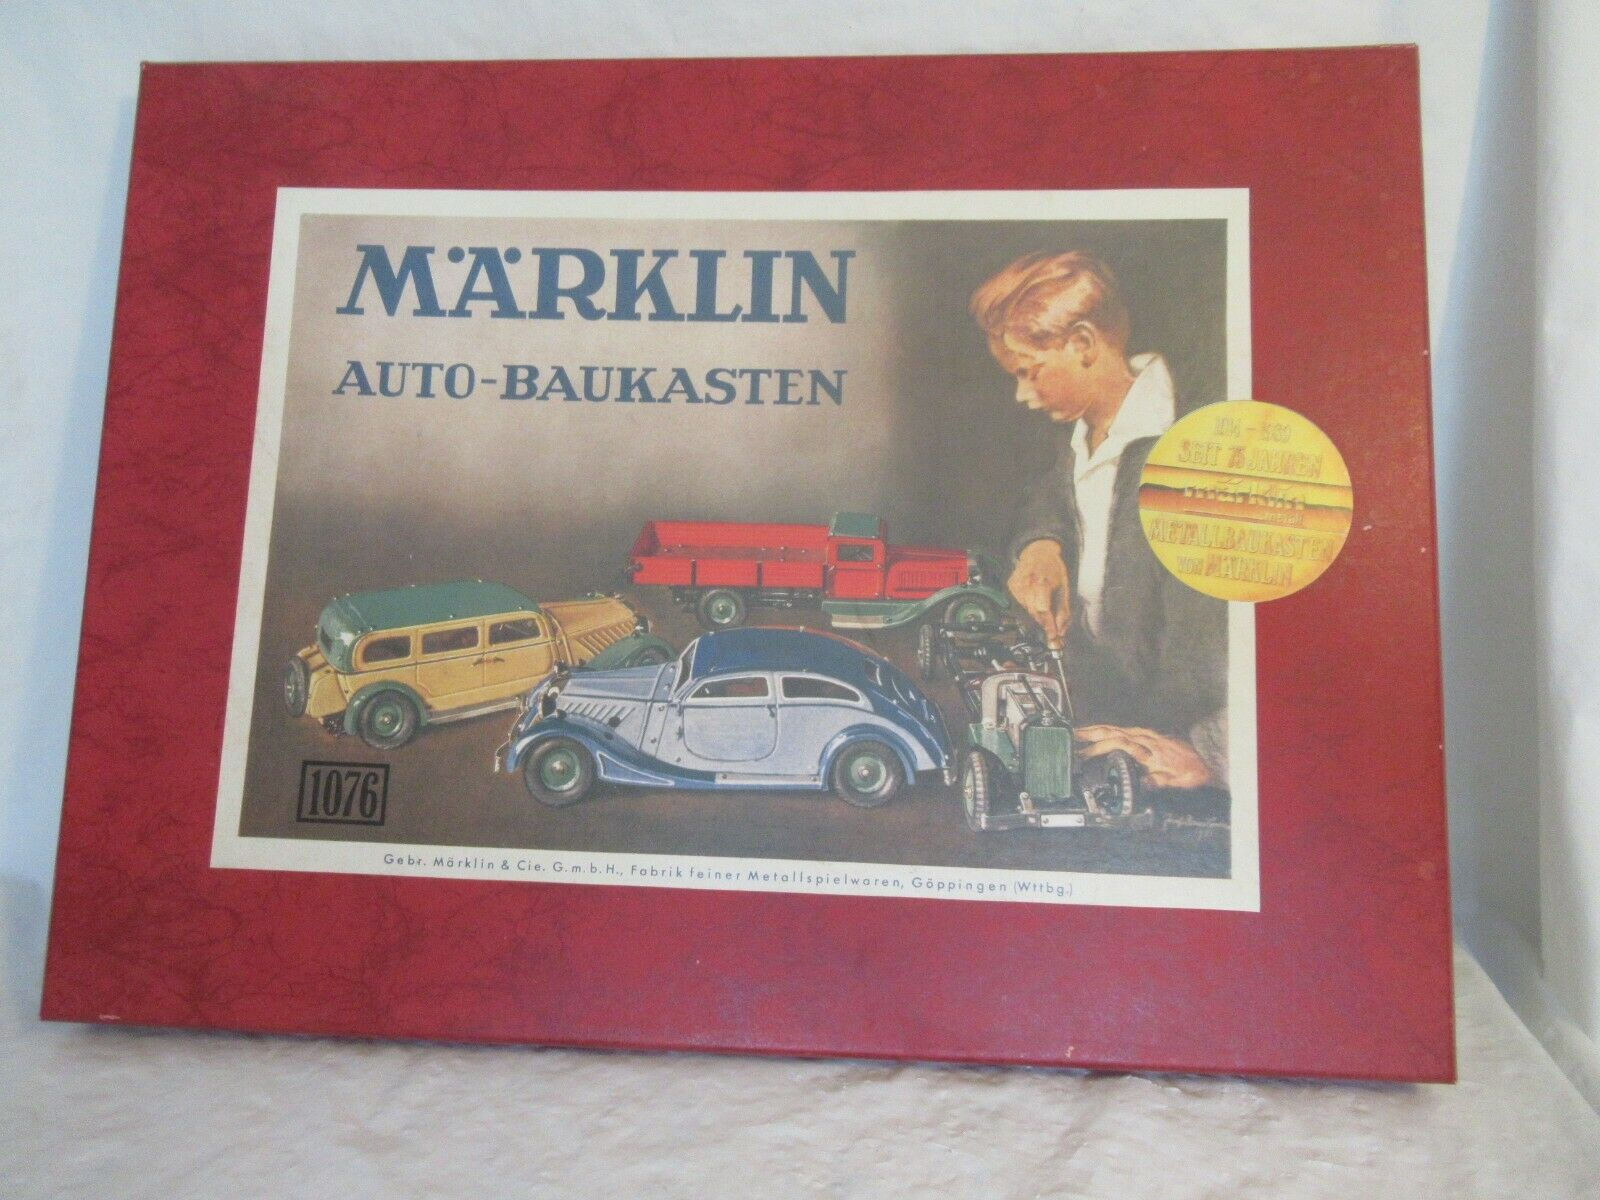 MARKLIN AUTO-BAUKASTEN (KIT) MERCEDES-BENZ RENNWAGEN 1133 No. 1076